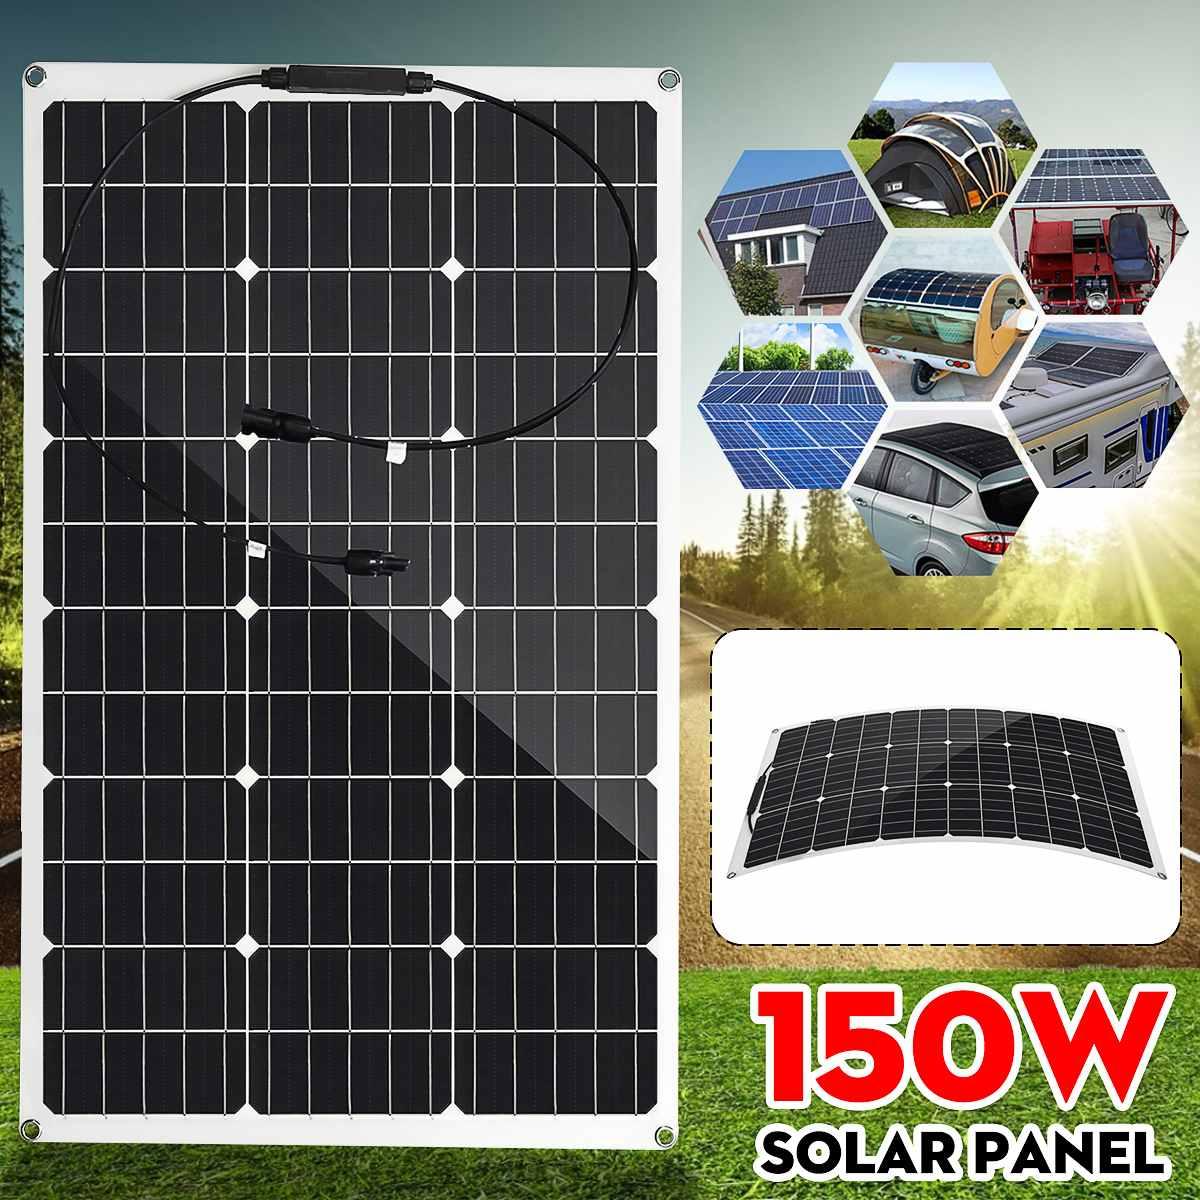 150W panneau solaire Semi-flexible 18V cellule solaire monocristallin bricolage Module câble connecteur extérieur chargeur de batterie étanche